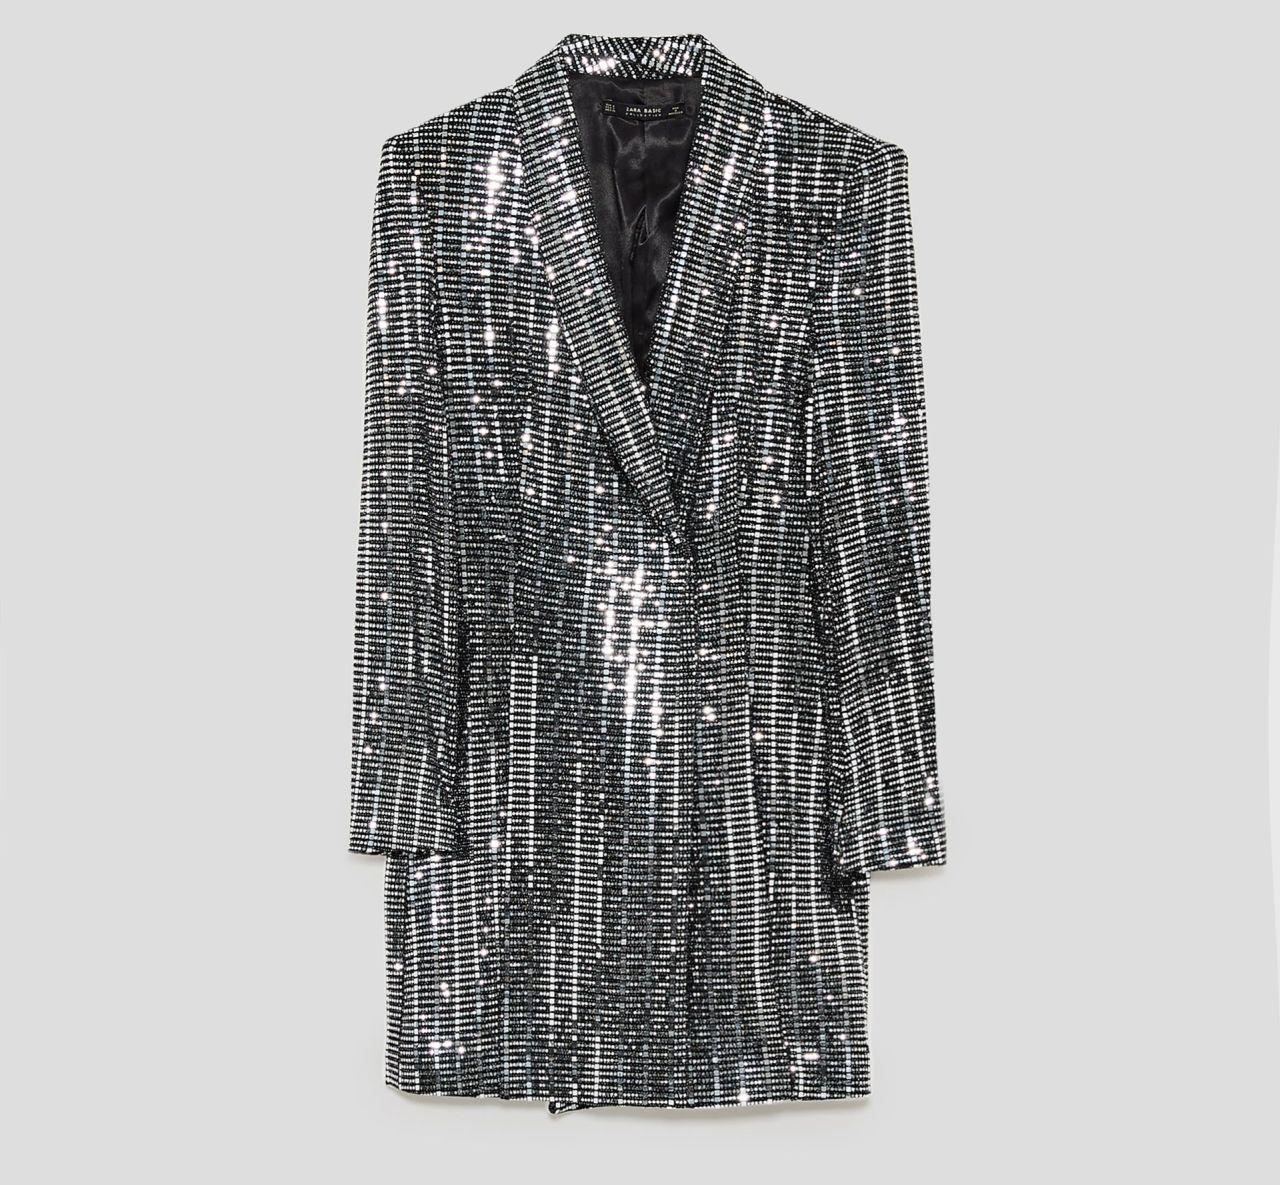 Λαμπερά party dresses μέχρι 100 ευρώ  Ο μεγάλος οδηγός - YourTipster.gr 5da0d51573a